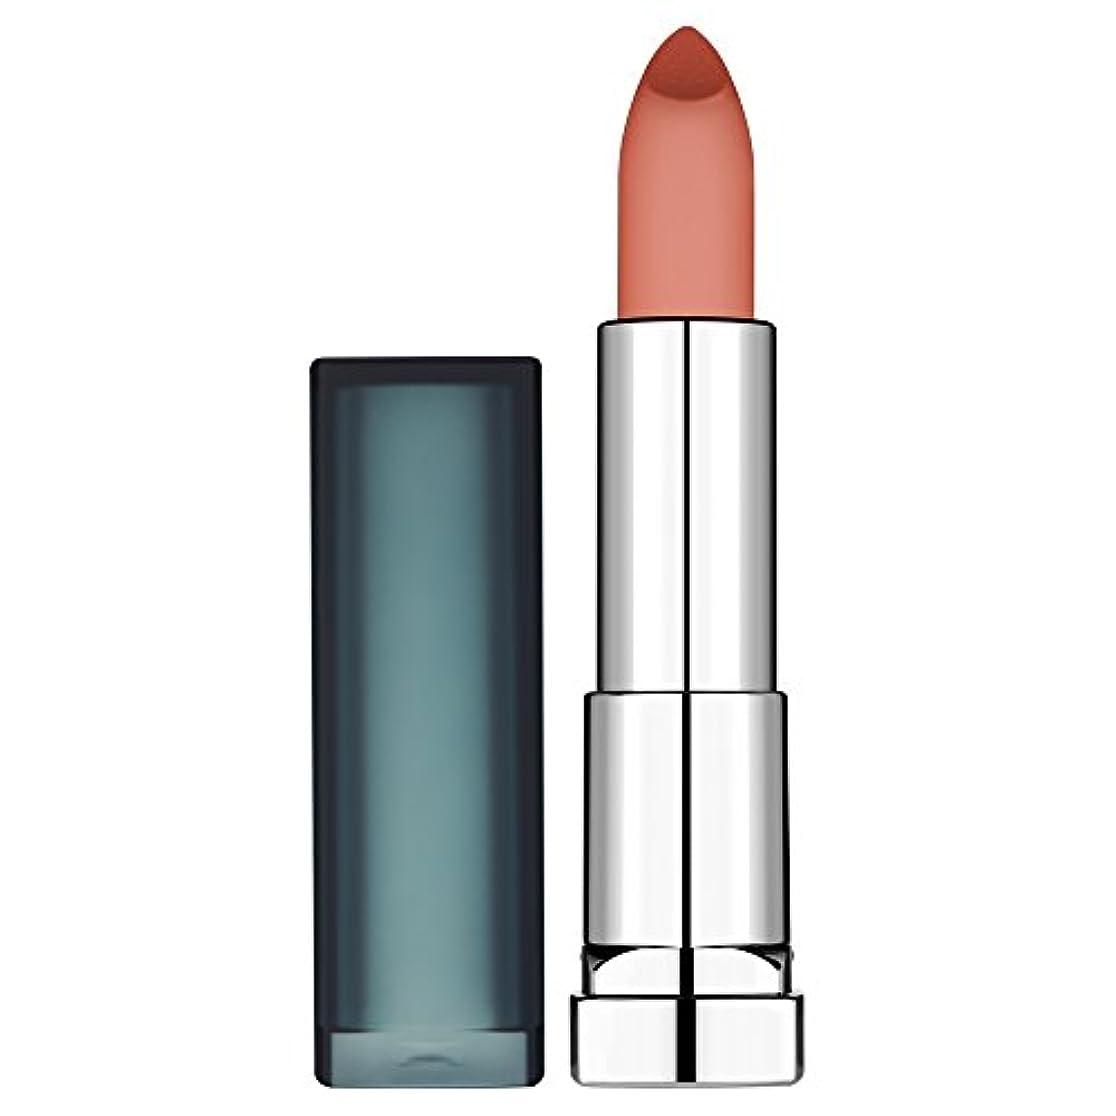 相対性理論著作権望ましいL'Oreal Lippenstift Color Sensational Creamy Mattes